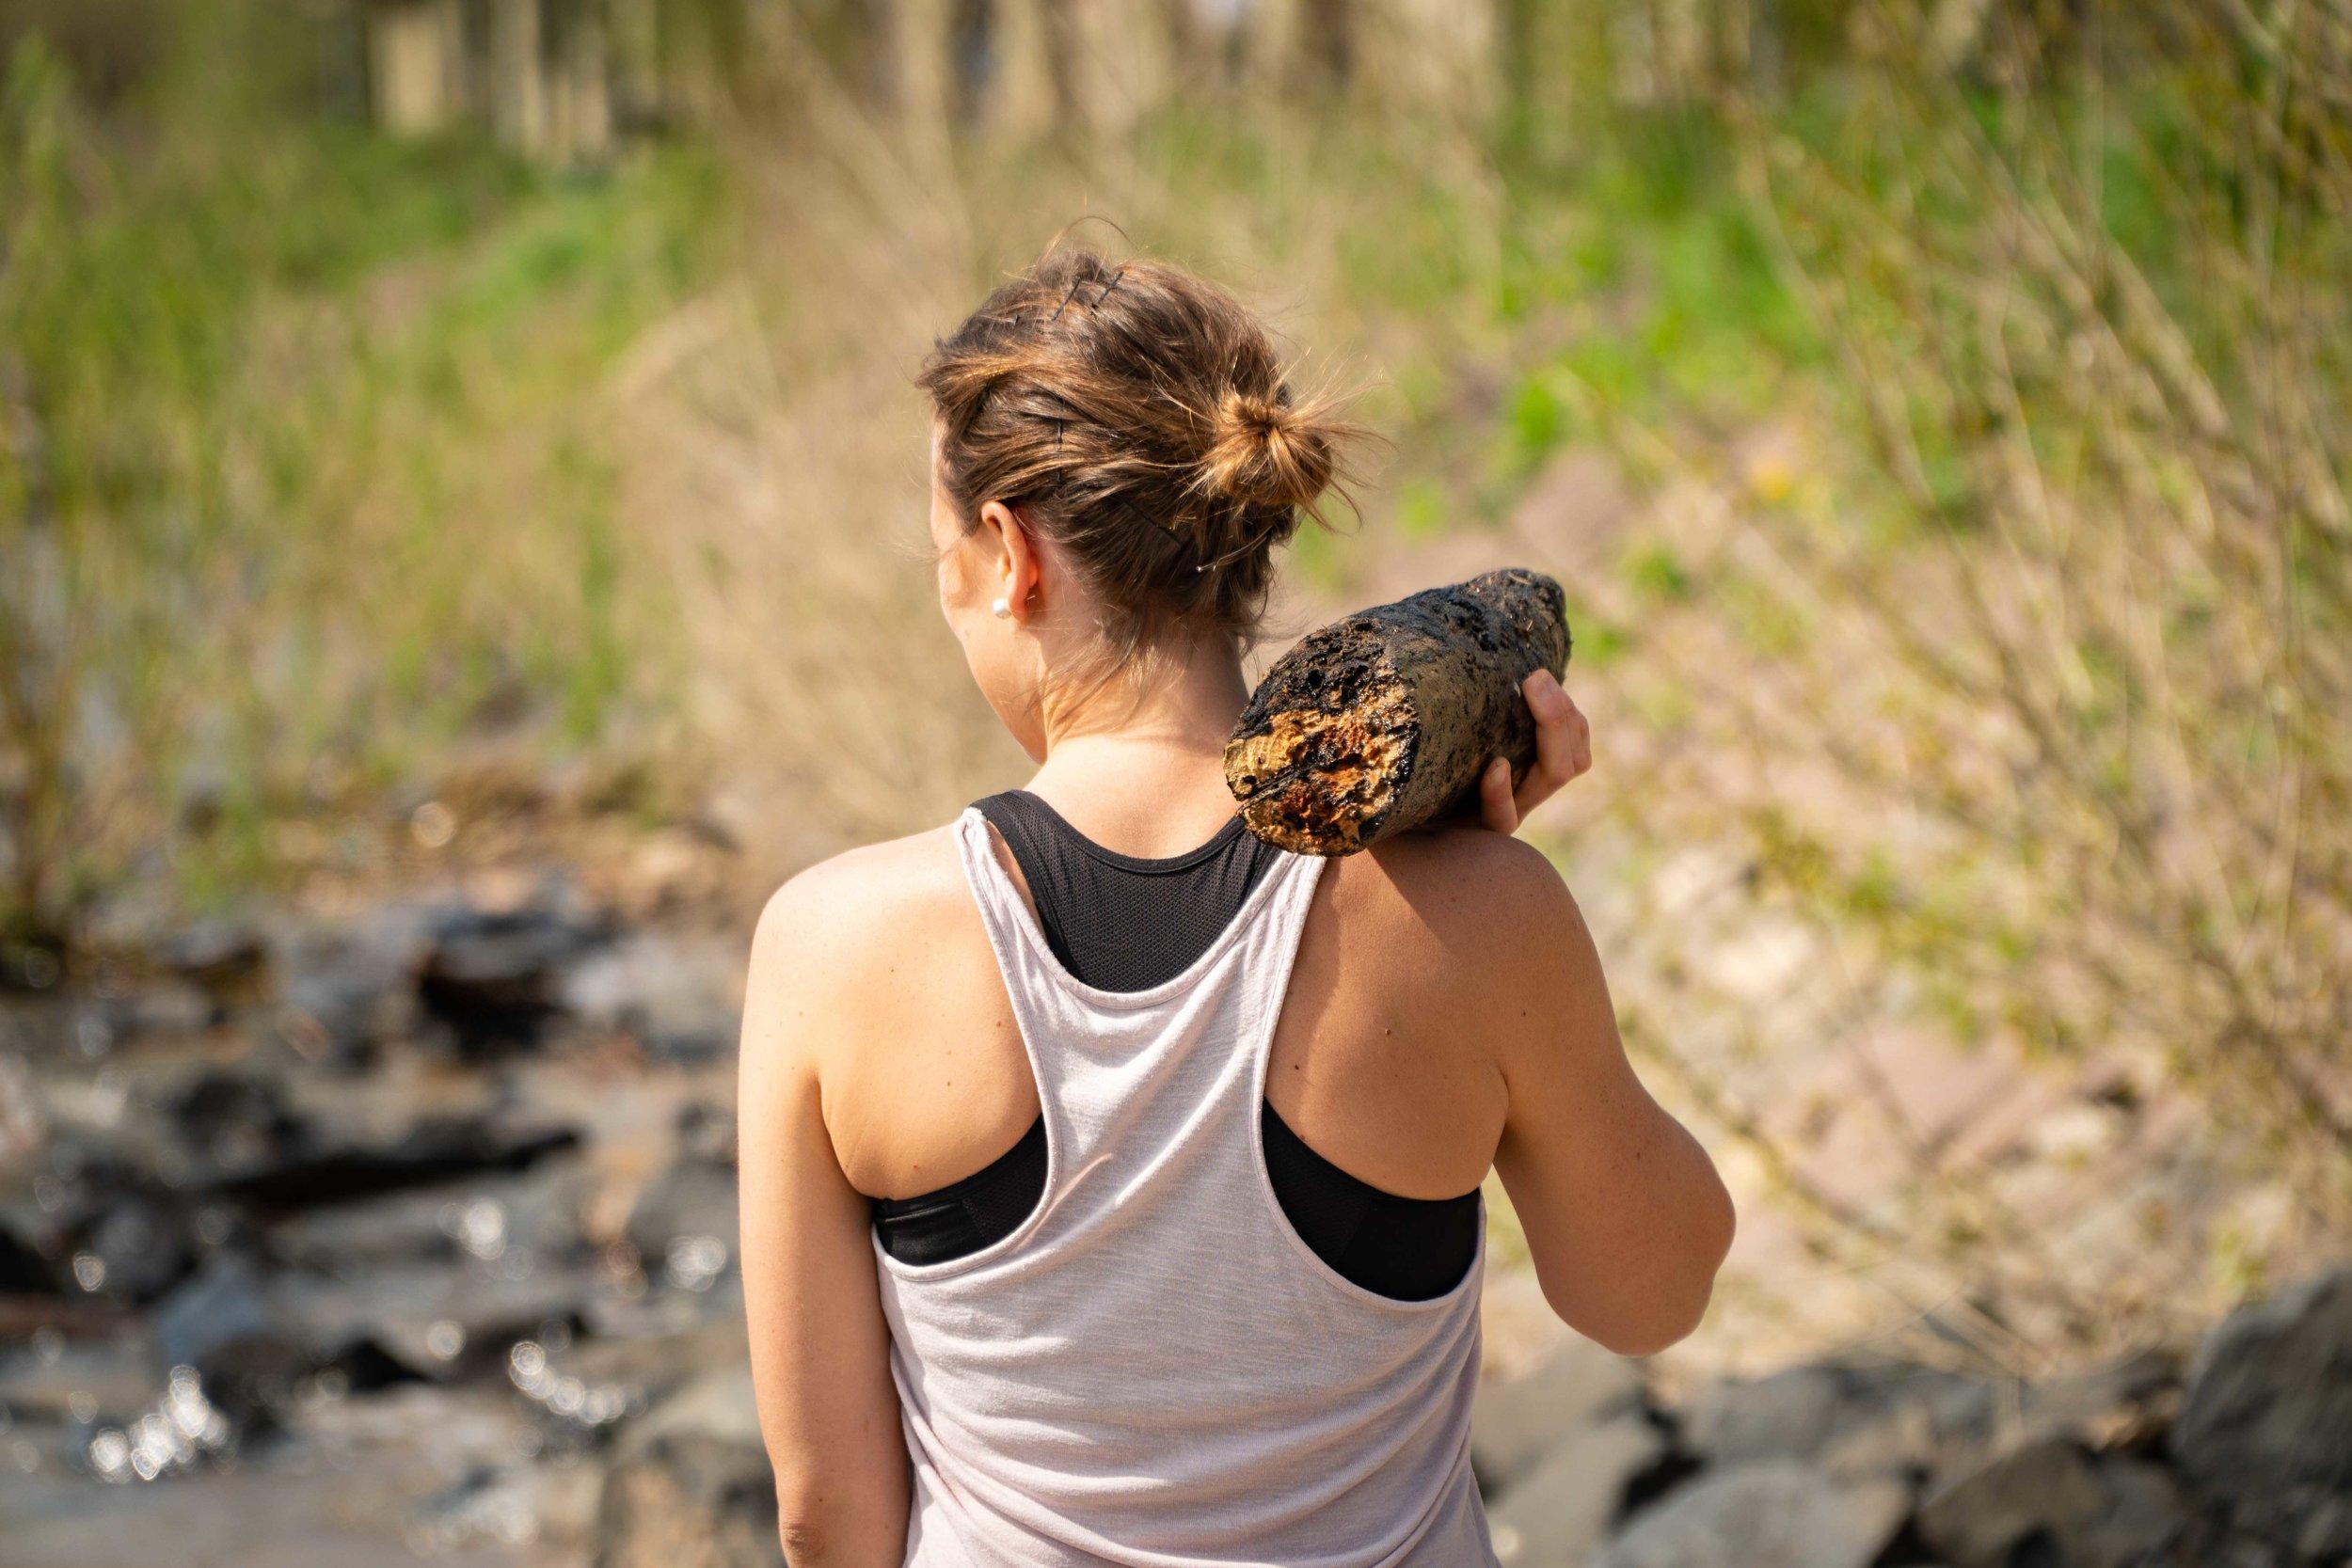 7 Gründe, warum du nur noch draußen sport machen solltest. - In der heutigen Zeit verbringen wir den Großteil unseres Lebens in geschlossenen Räumen – morgens mit dem Auto zur Arbeit, den ganzen Tag im Büro und wenn du schon Zeit für deine Fitness einplanst, verbringst du diese dann auch noch im Fitnessstudio und wenn nicht, zuhause auf dem Sofa. Warum es besser ist draußen Sport zu machen und welche Vorteile das für dich hat, erfährst du in diesem Artikel.